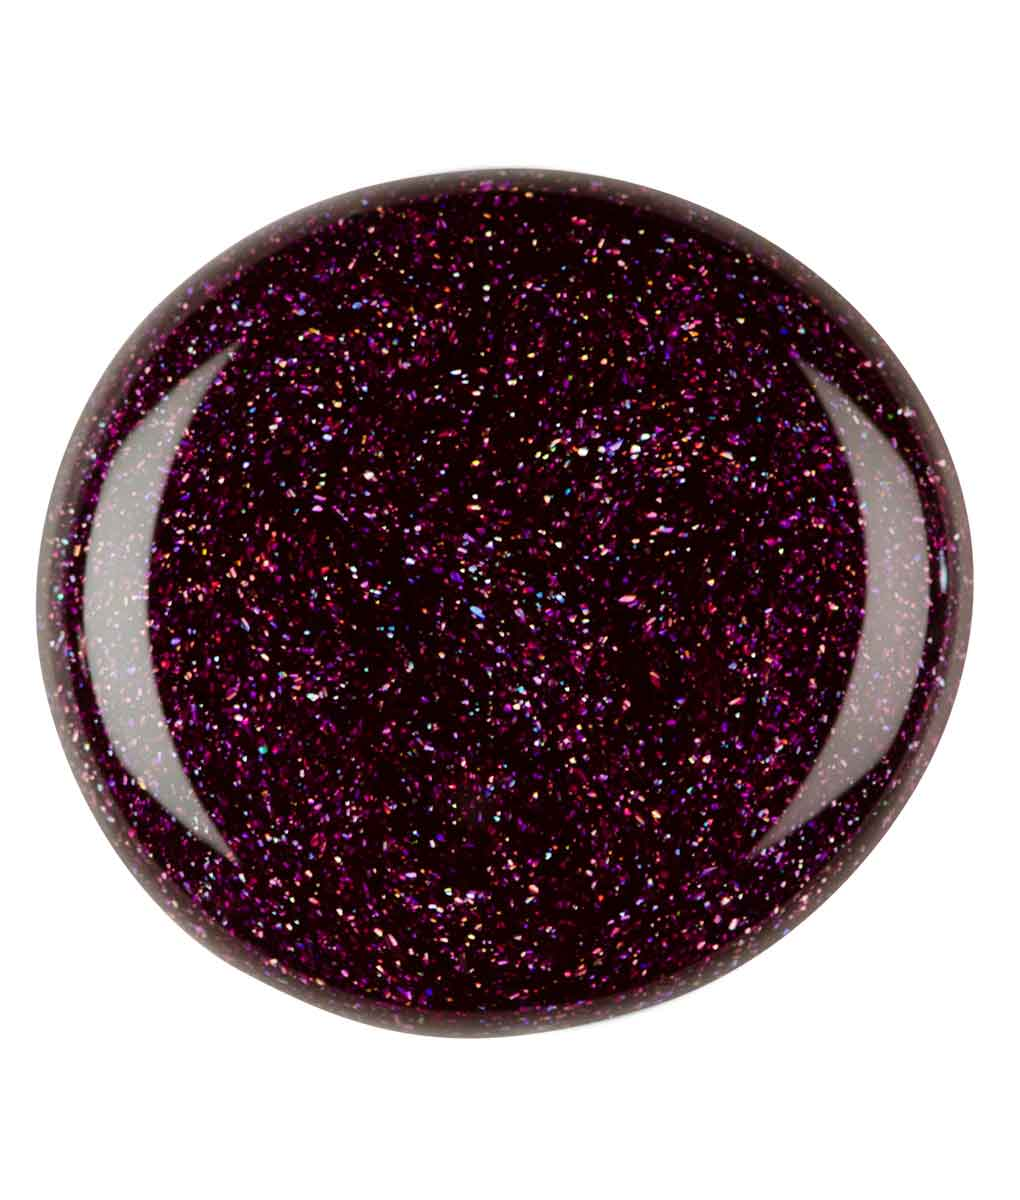 Plommonlila med glitter